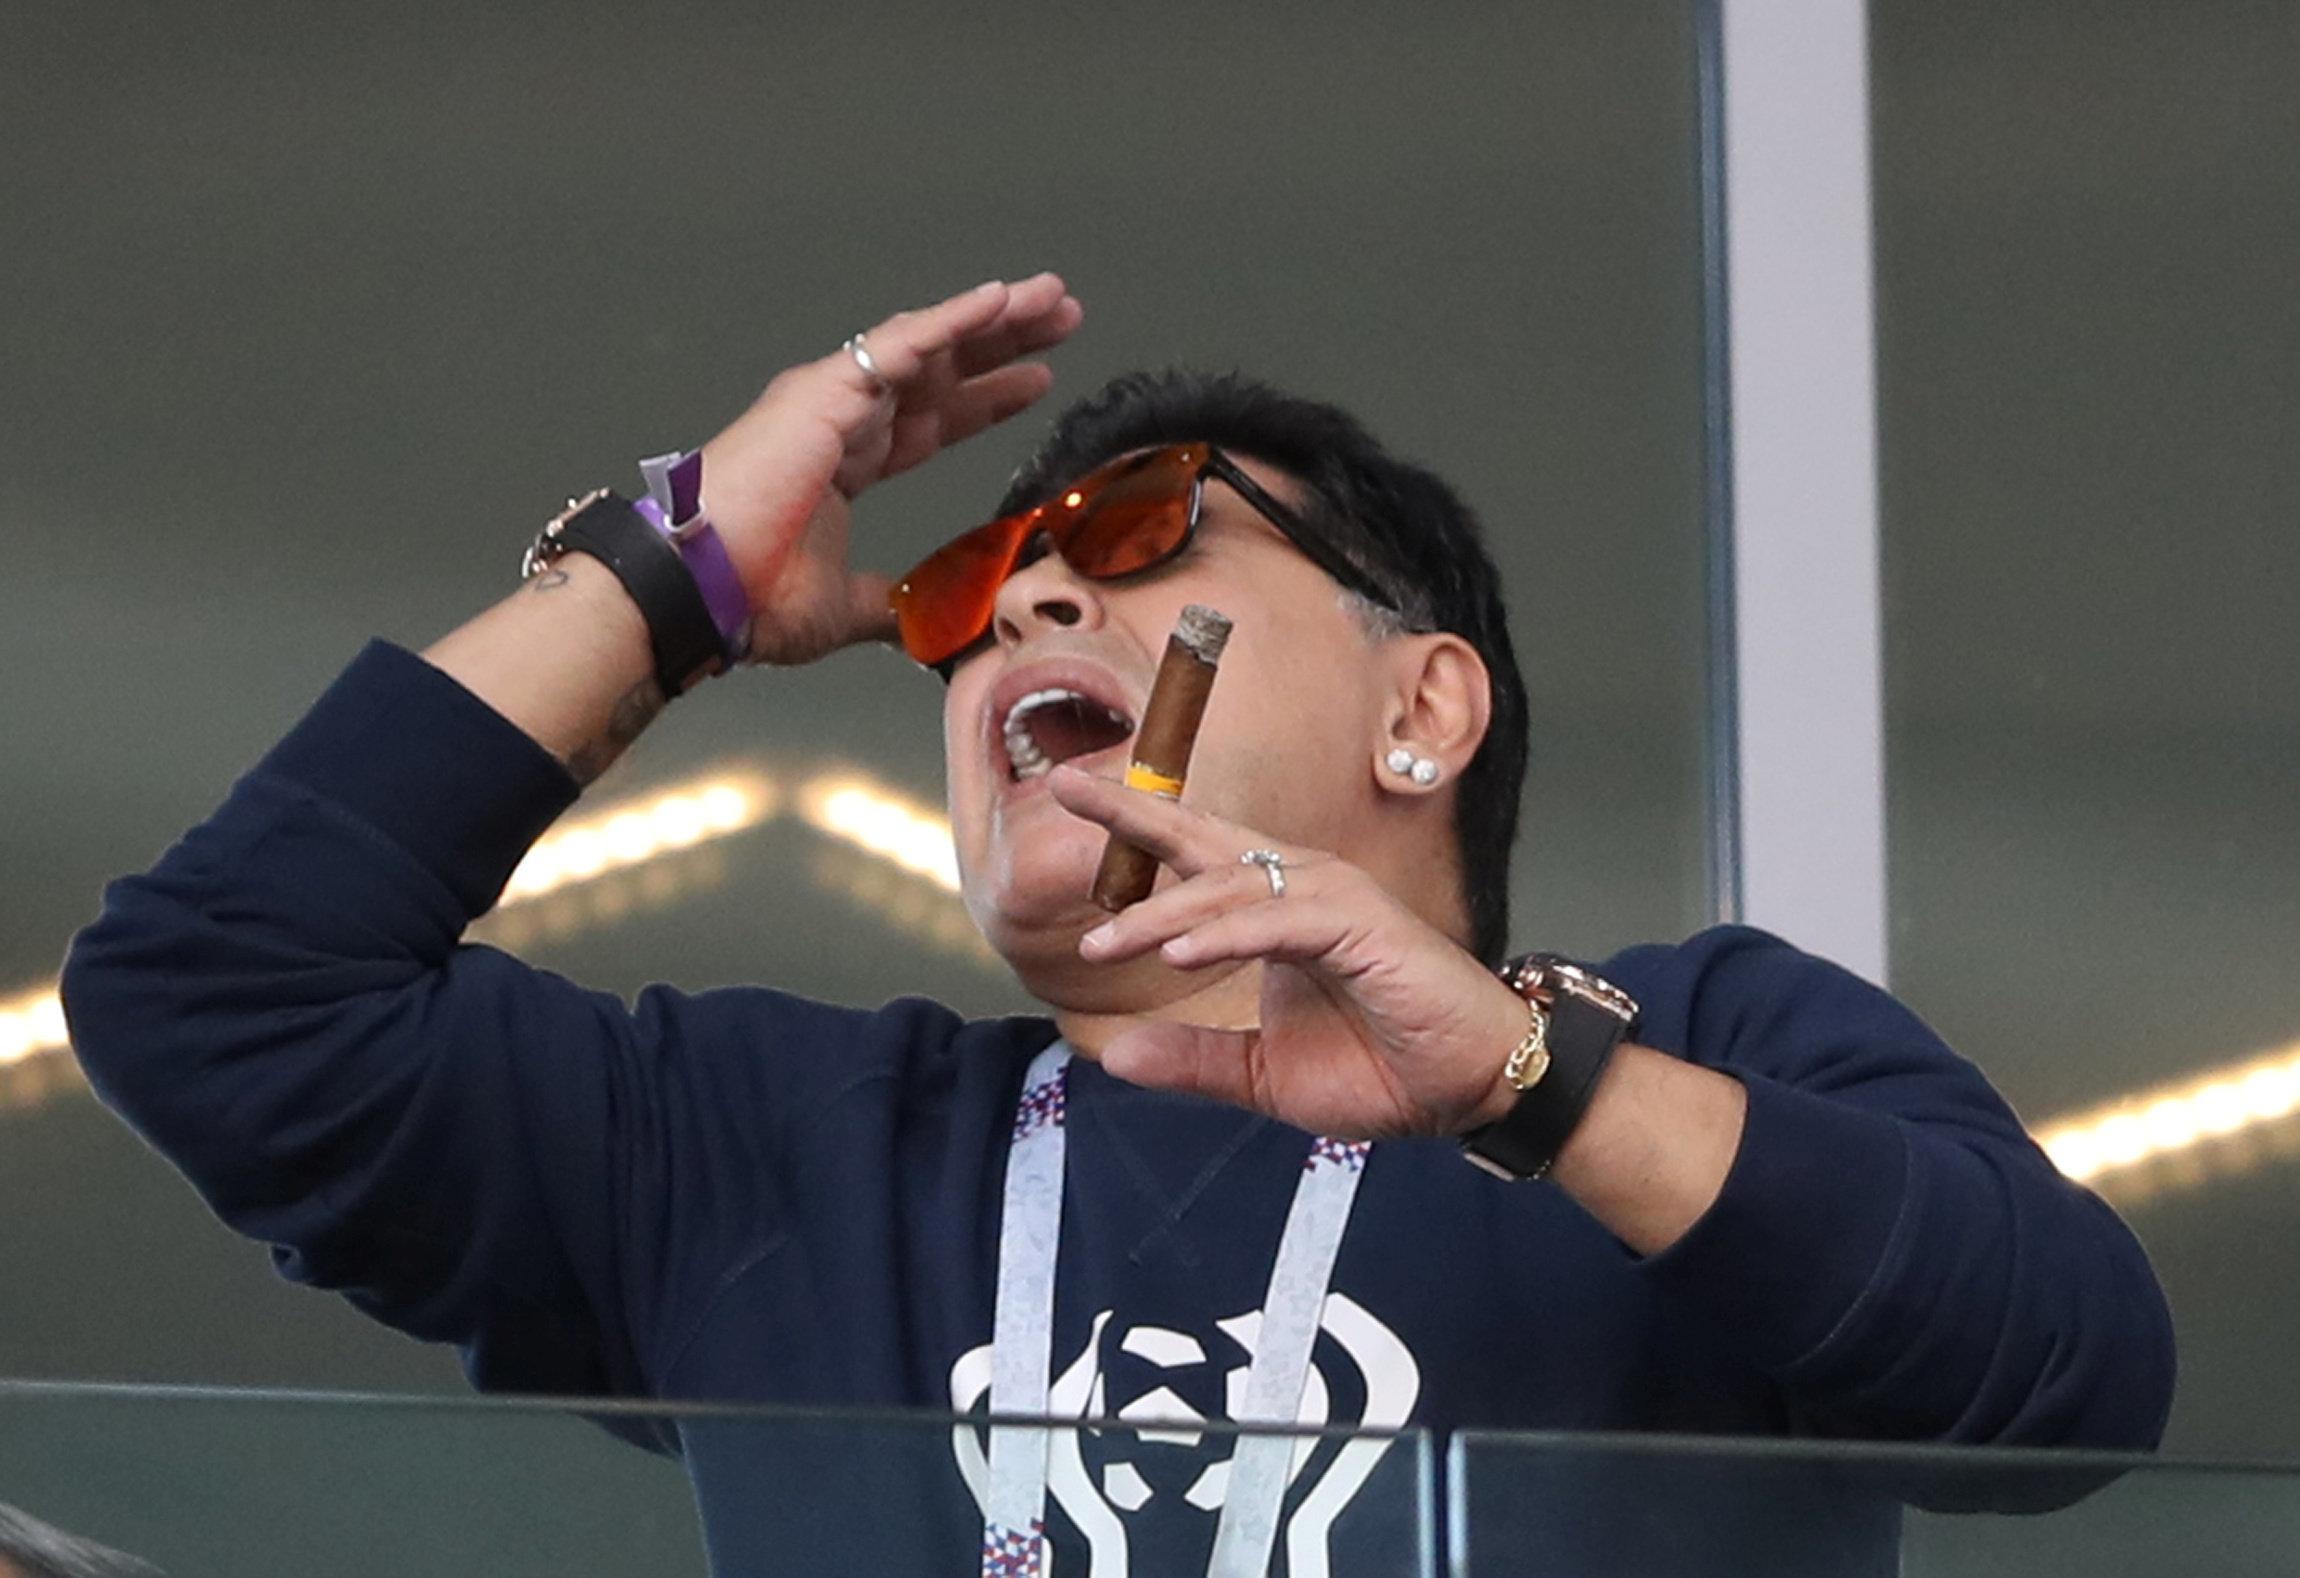 마라도나가 '한국 팬 비하 논란'에 대해 입장을 밝혔다